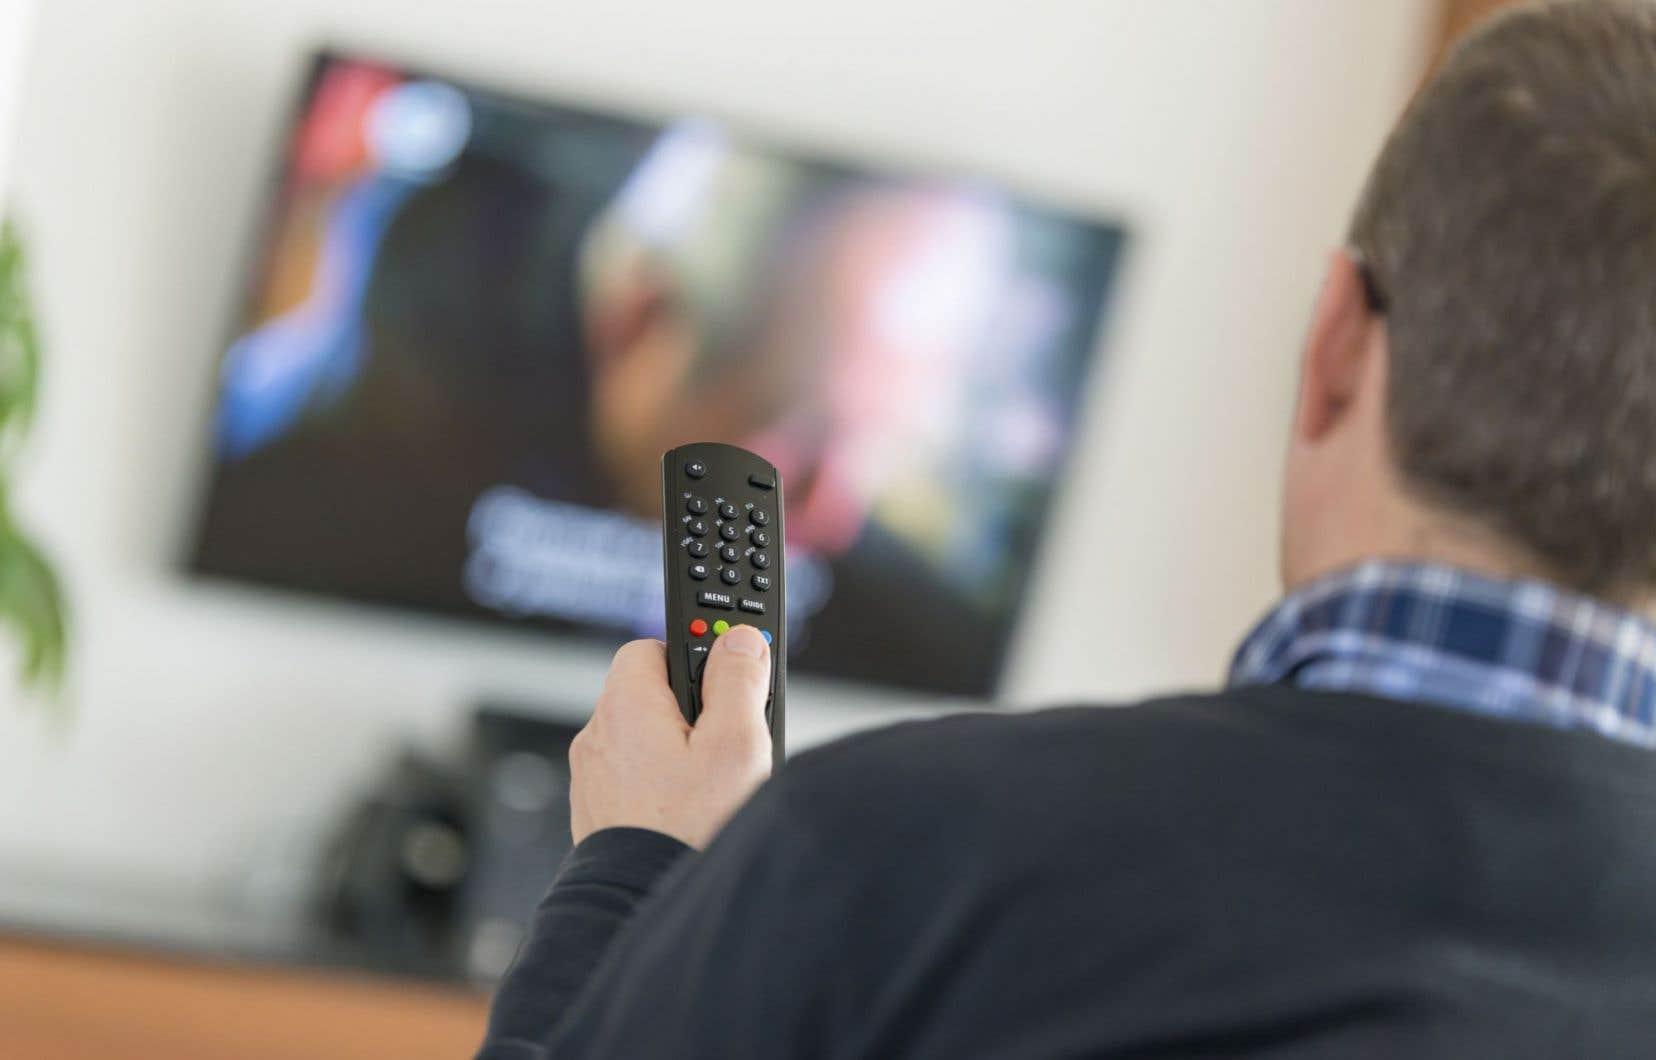 Le CRTC a reçu des centaines de plaintes depuis le 1er mars à propos des distributeurs de services de télévision.